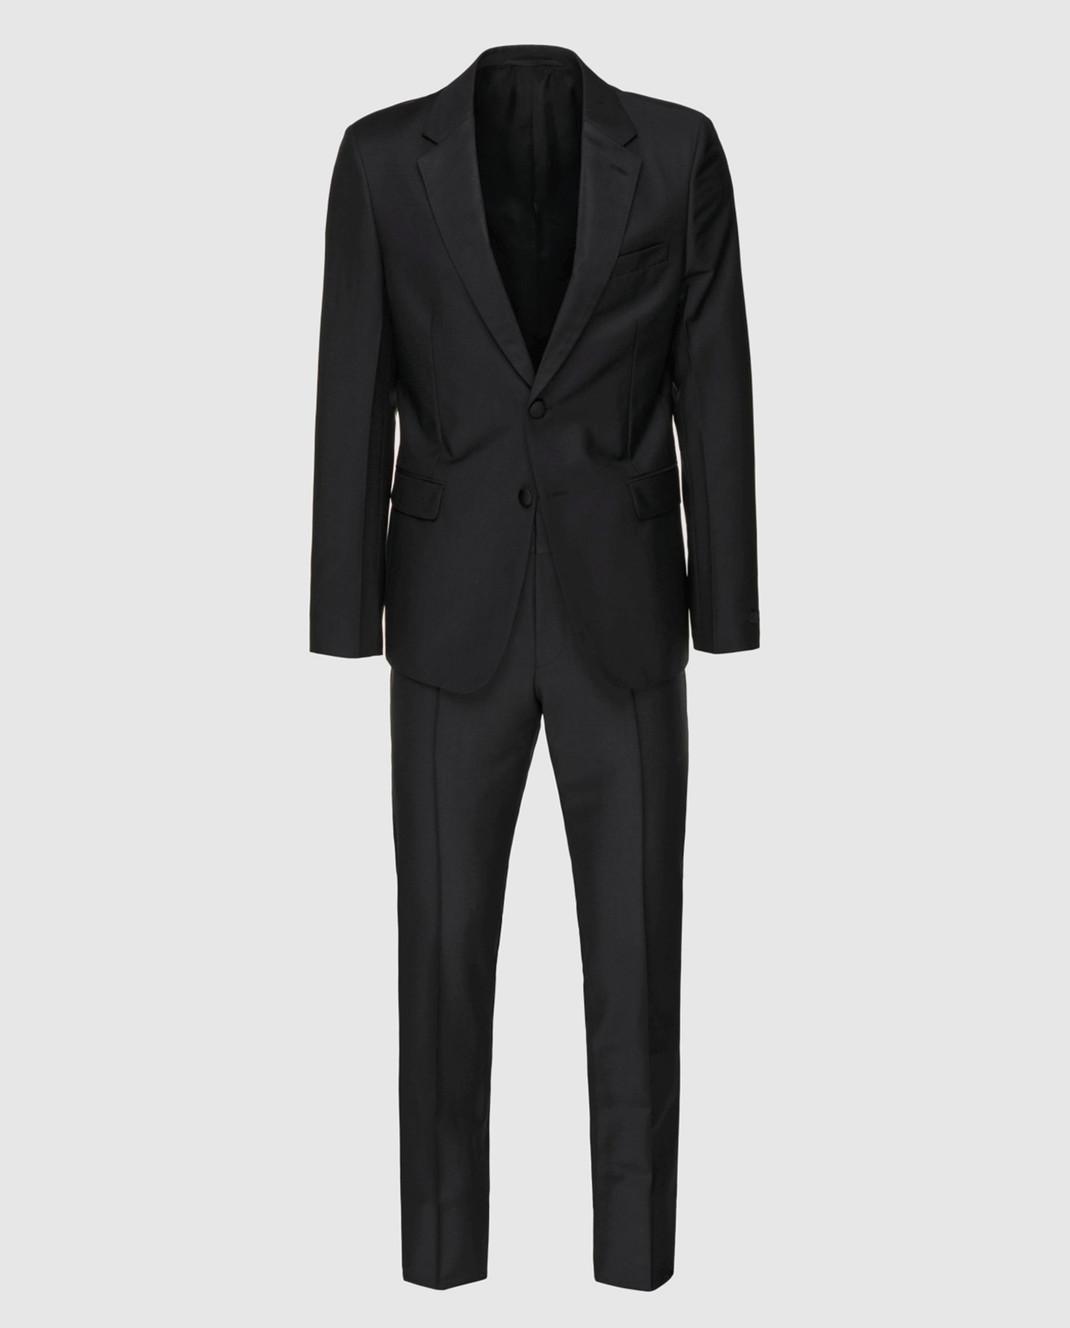 Prada Черный костюм из мохера и шерсти UAF4201KNB